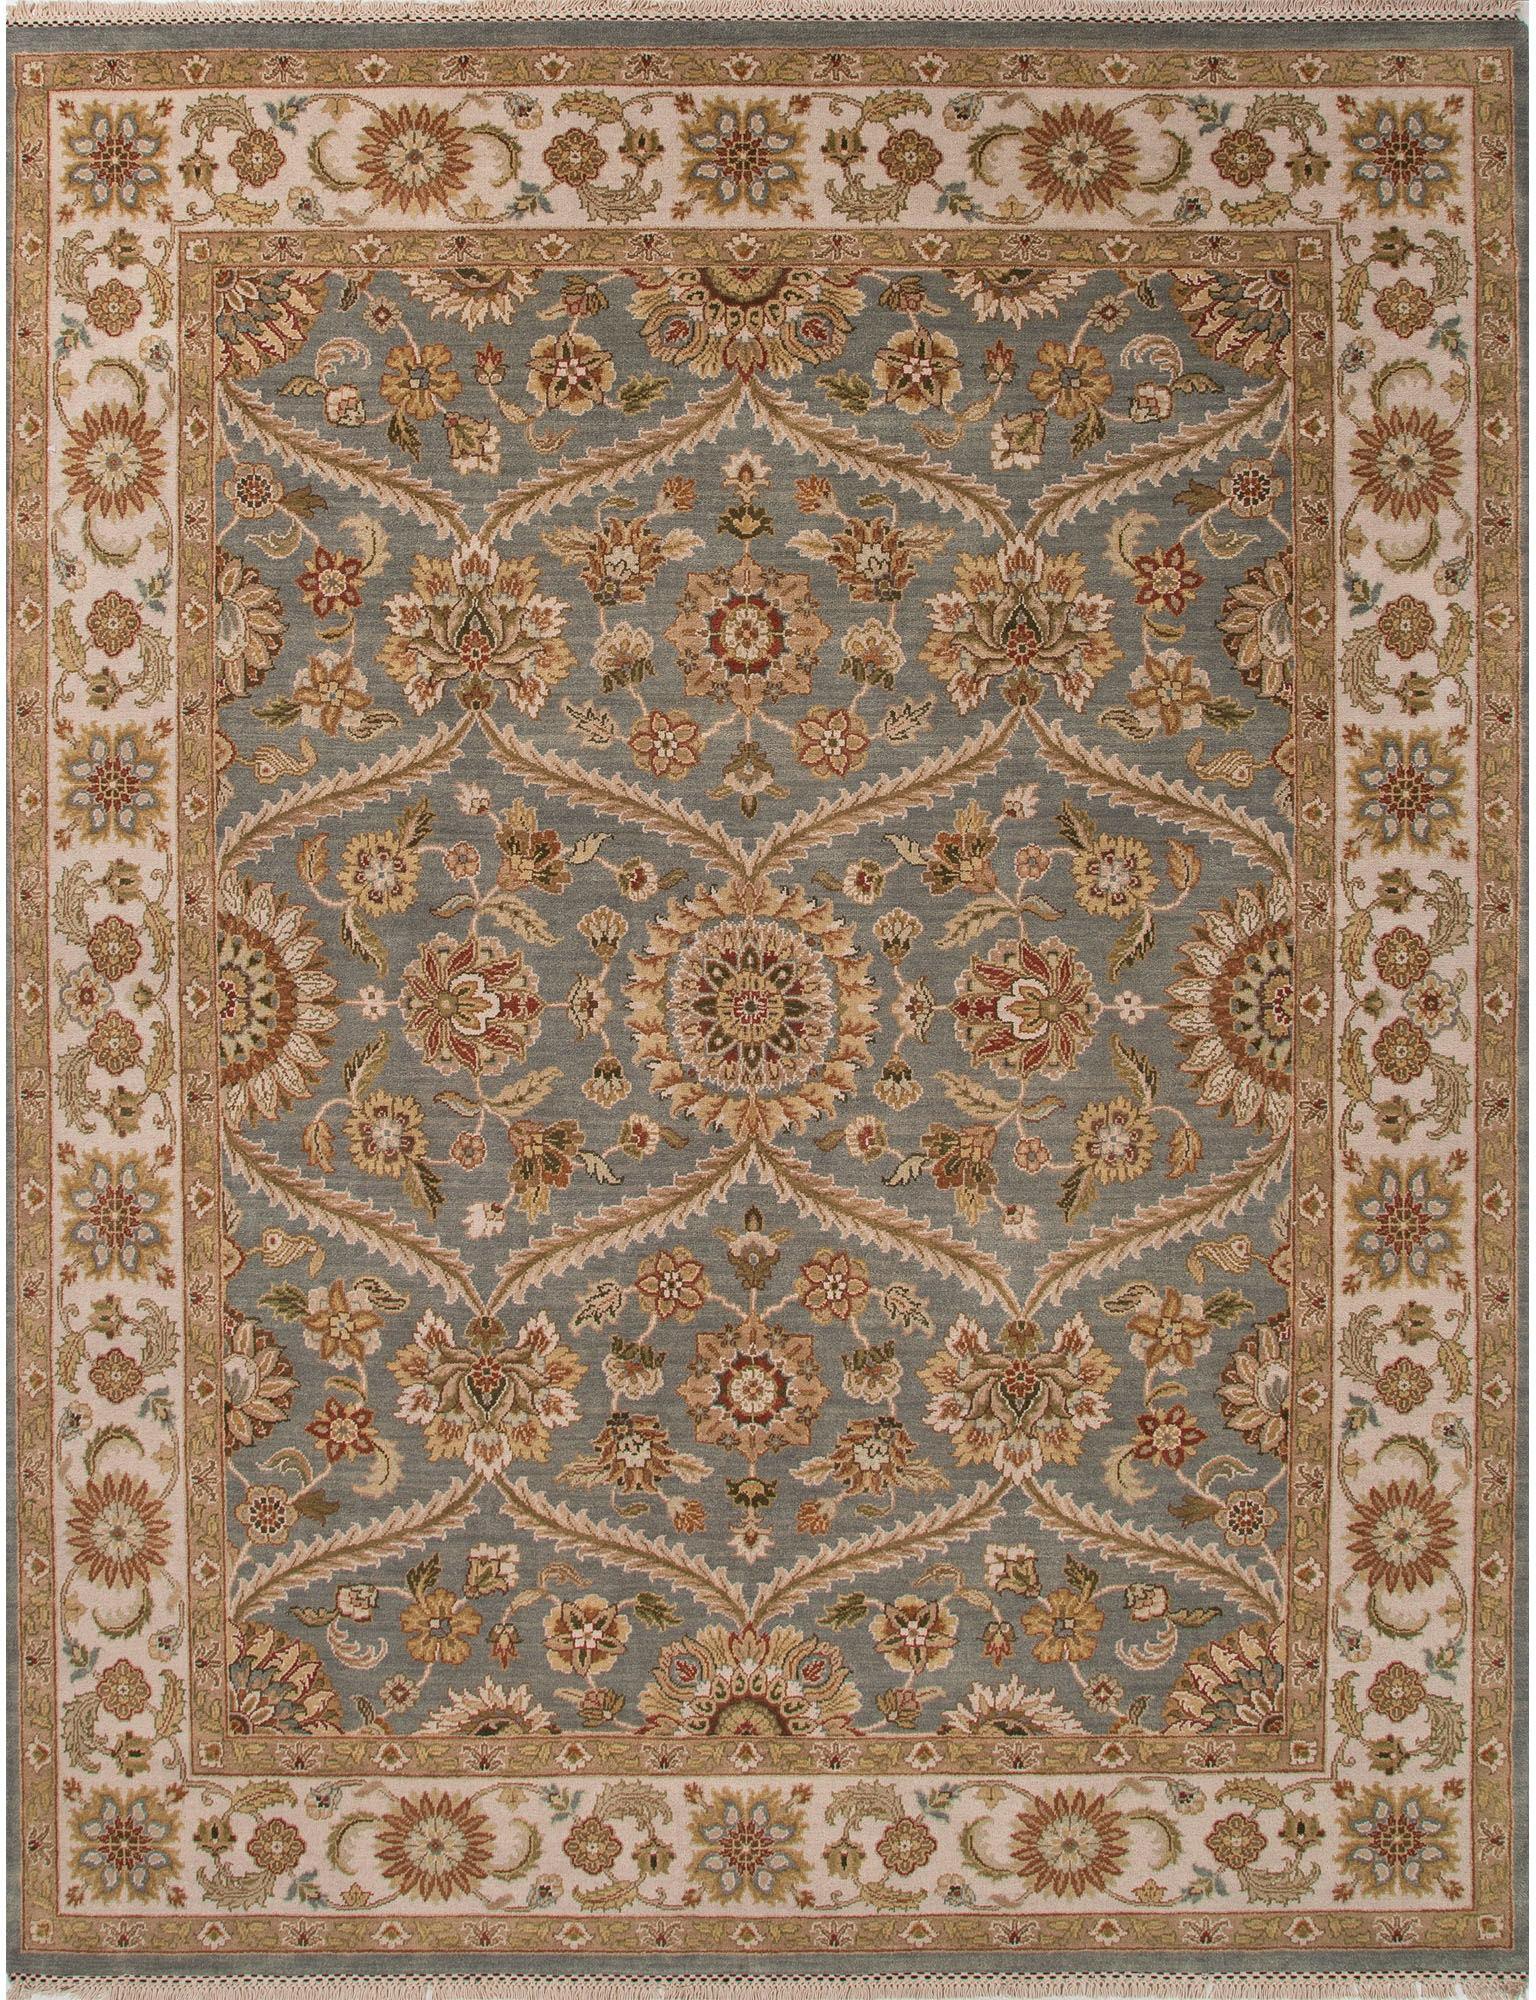 Jaipur Rugs Floor Coverings Jaipur Hand Knotted Oriental Pattern